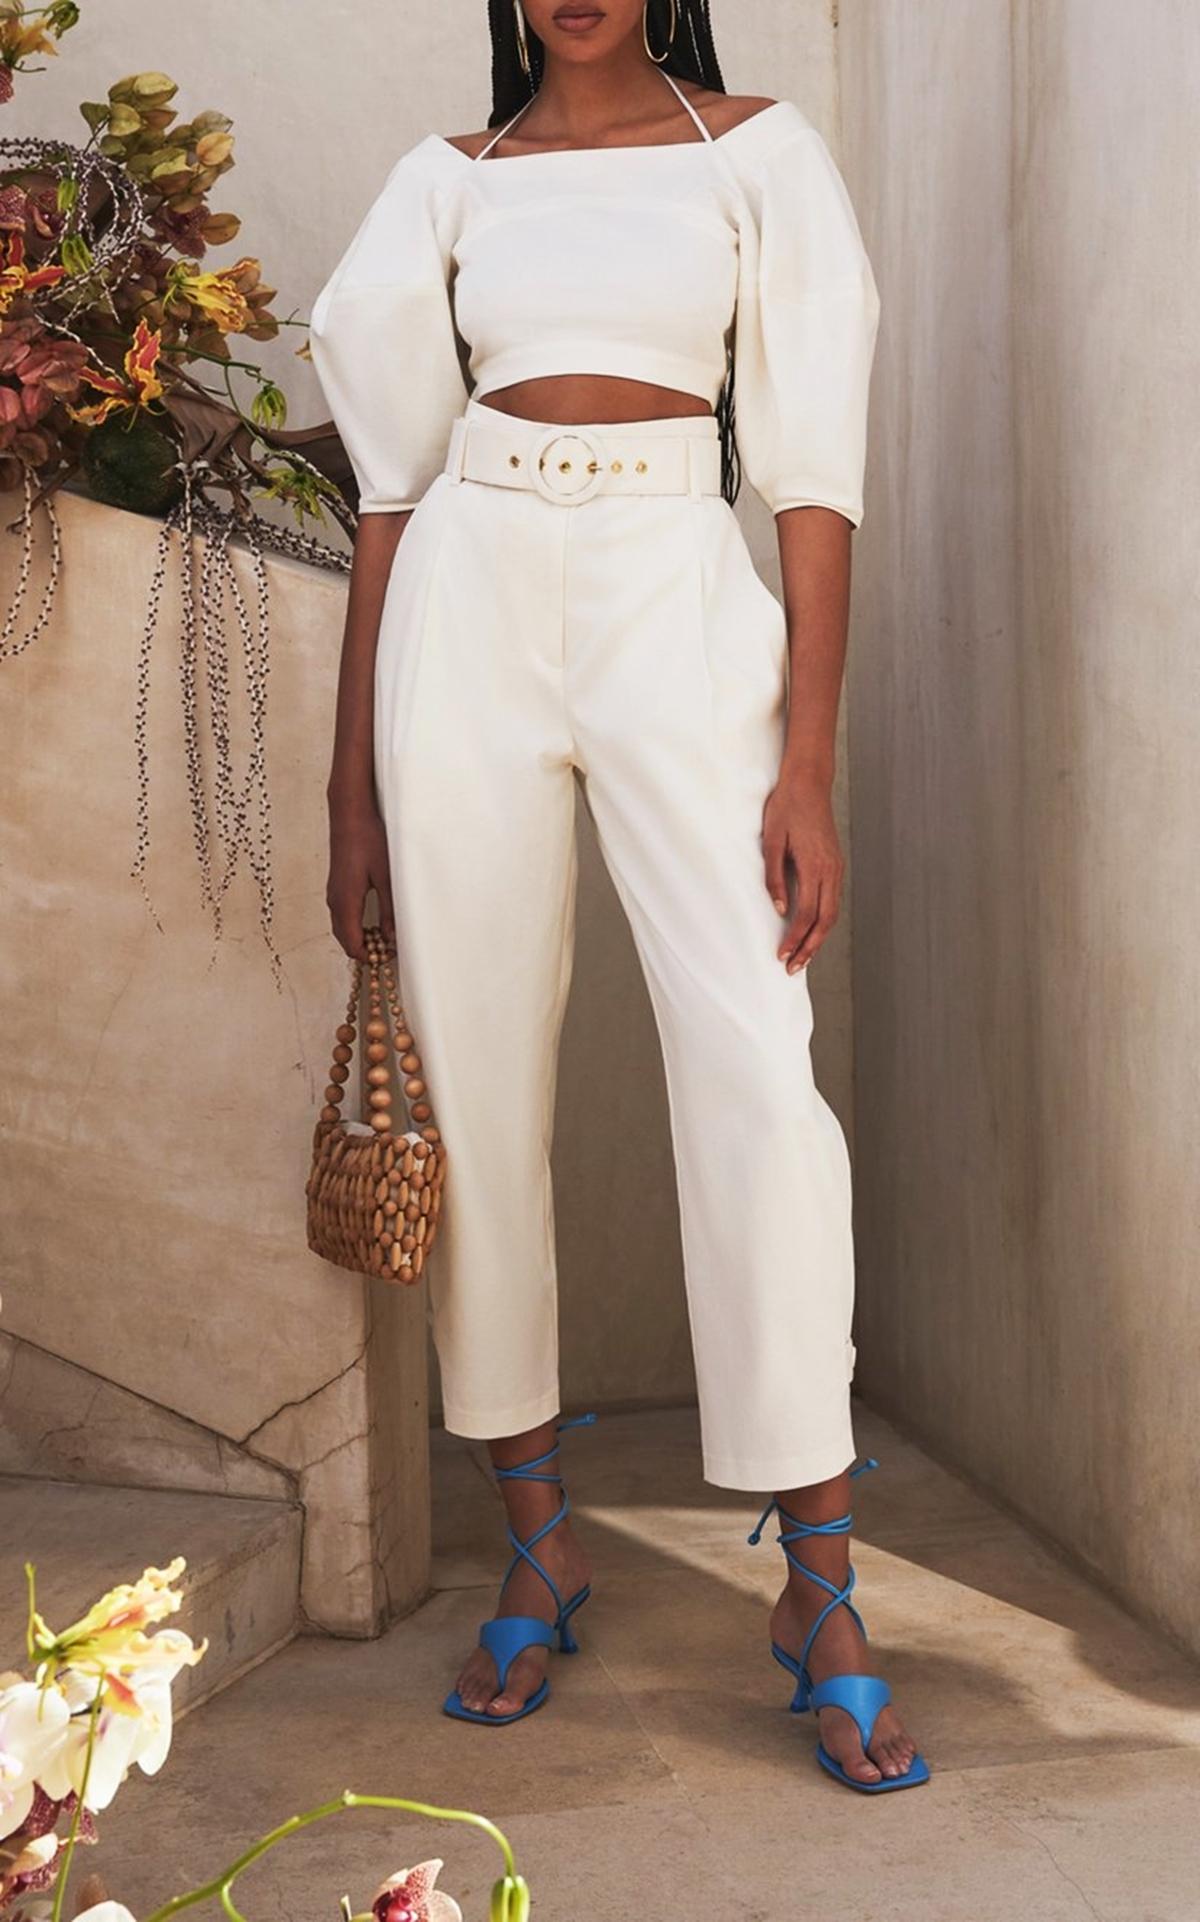 Cult Gaia nổi tiếng với phụ kiện giày túi, tuy nhiên trang phục của hãng cũng được nhiều tín đồ yêu thích. Nhà thiết kế tạo điểm nhấn cho mẫu quần trắng baggy cao trên mắt cá chânbằng thắt lưng quá khổ ở eo. Nên phối với crop-top hoặc sơ mi, giá 330 USD (gần 7,7 triệu).